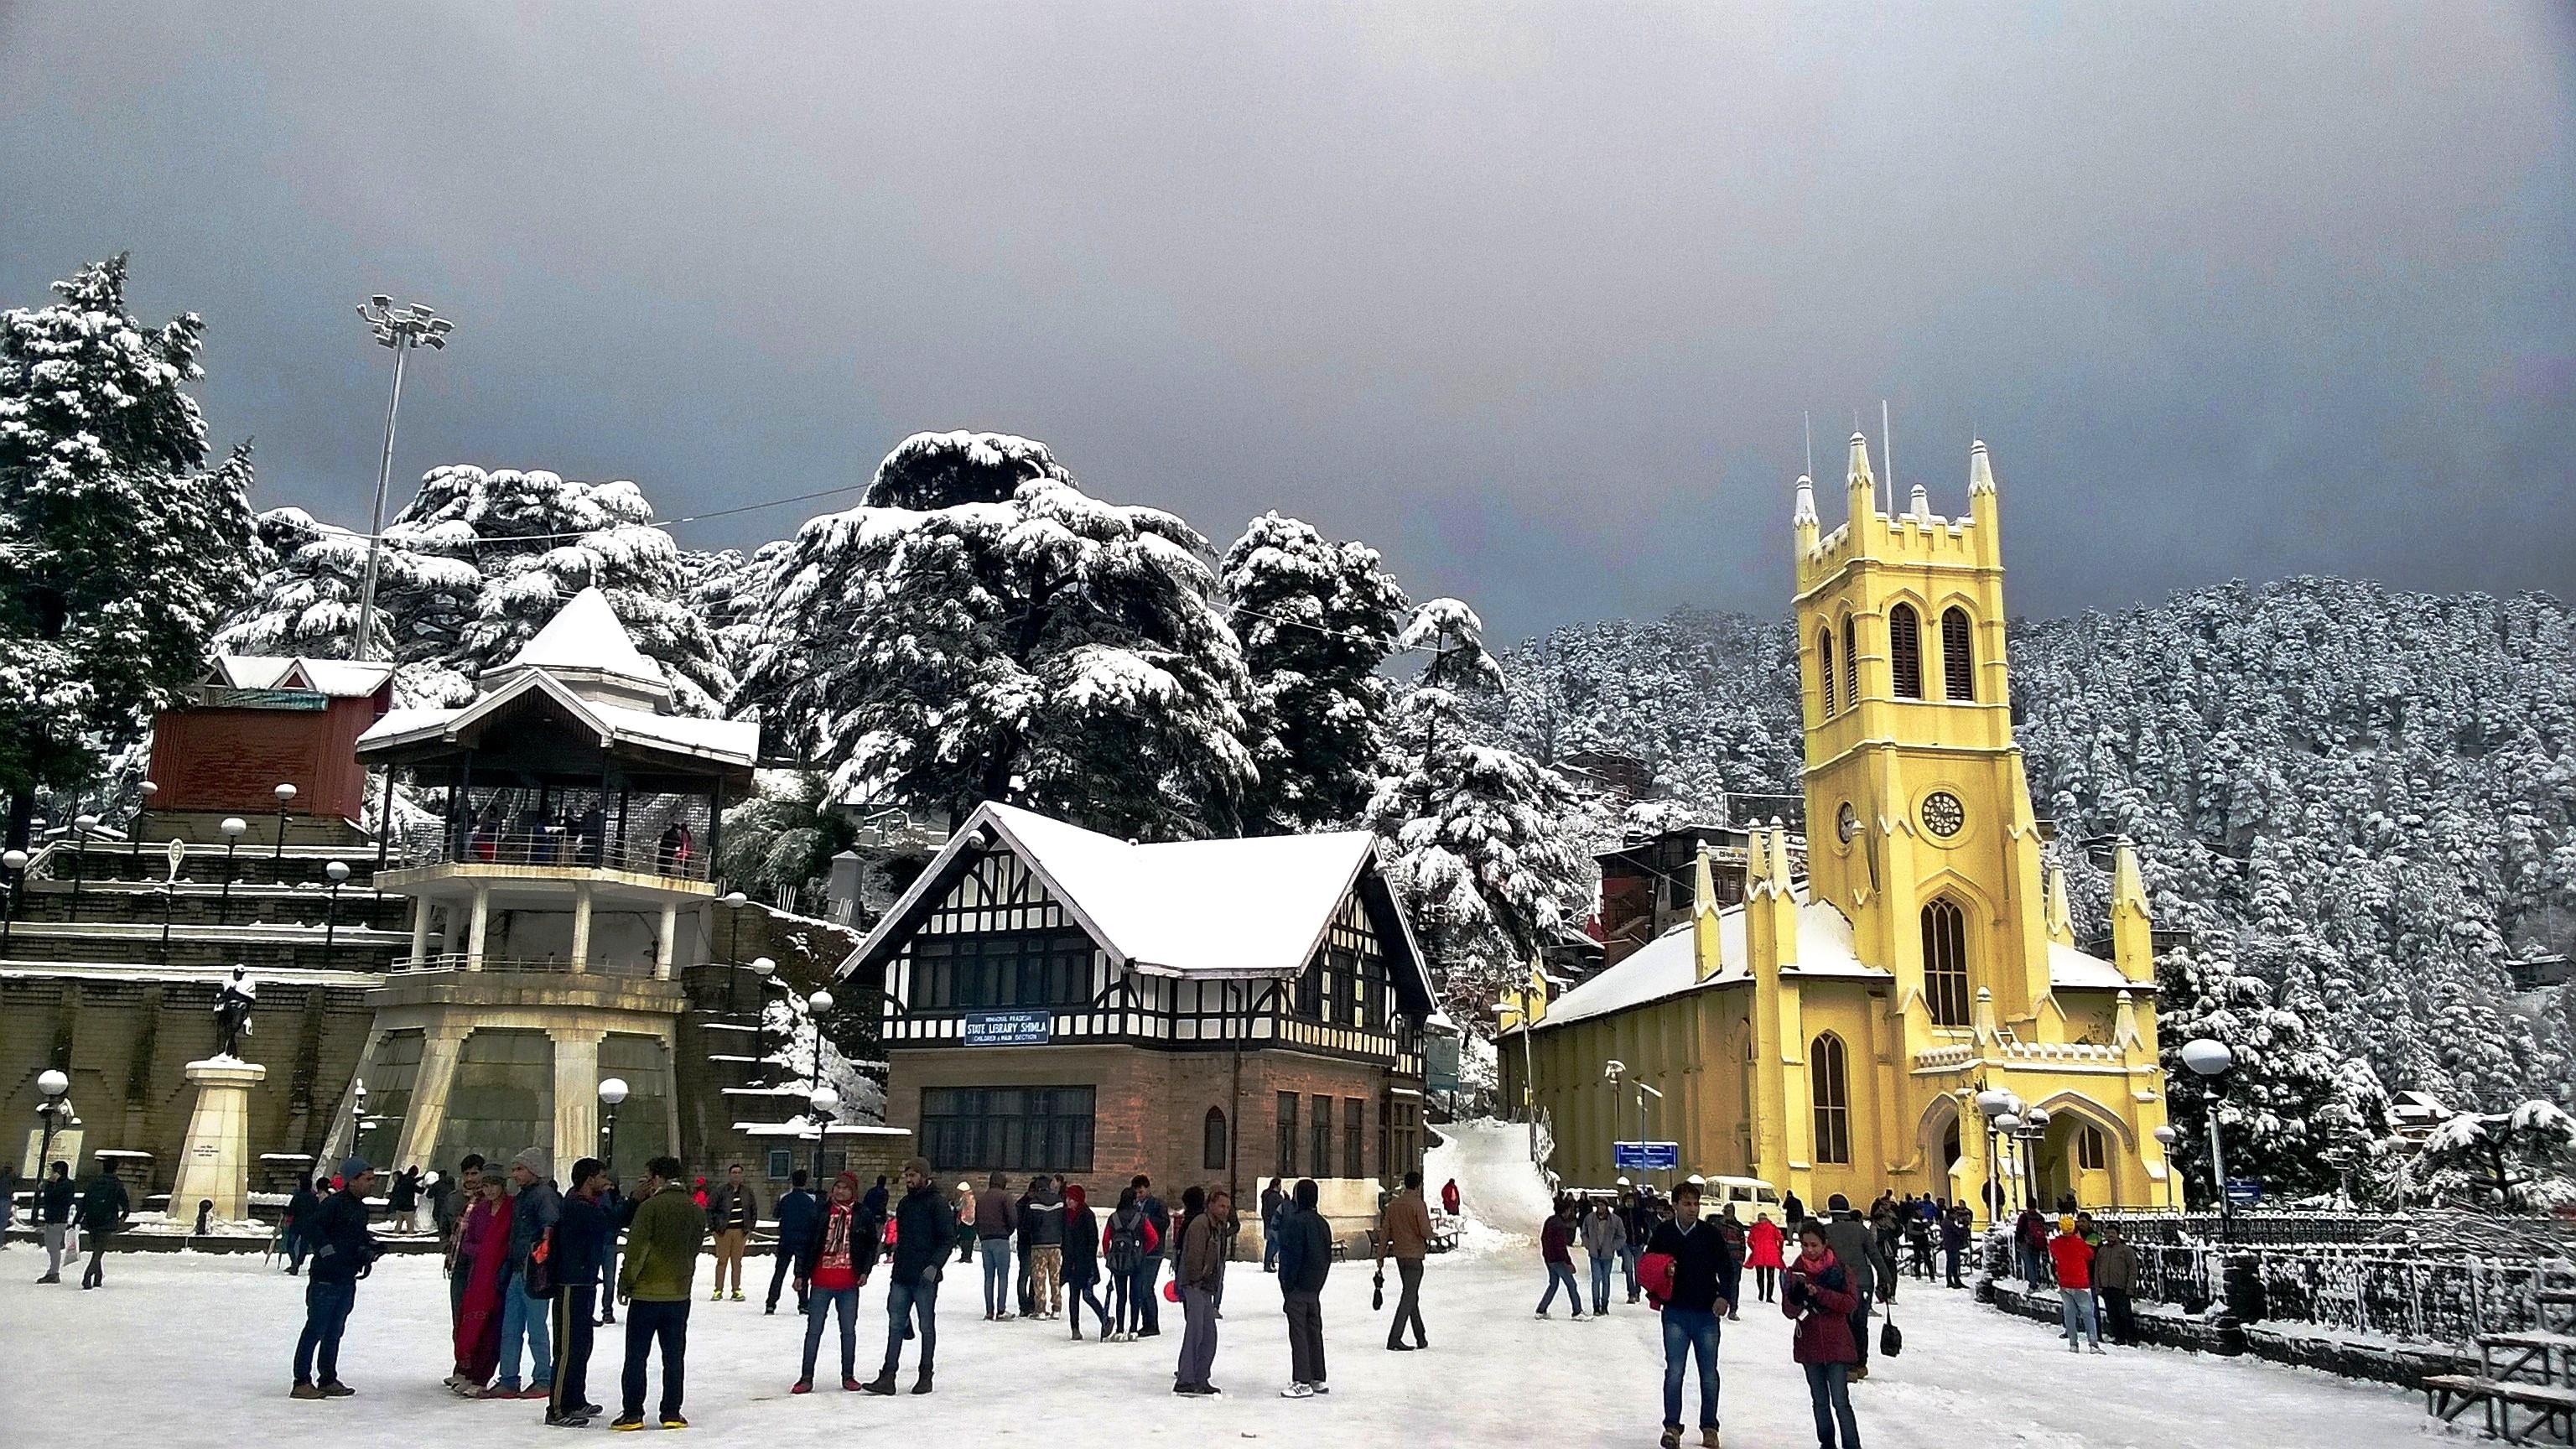 Shimla- The Queen of Hills